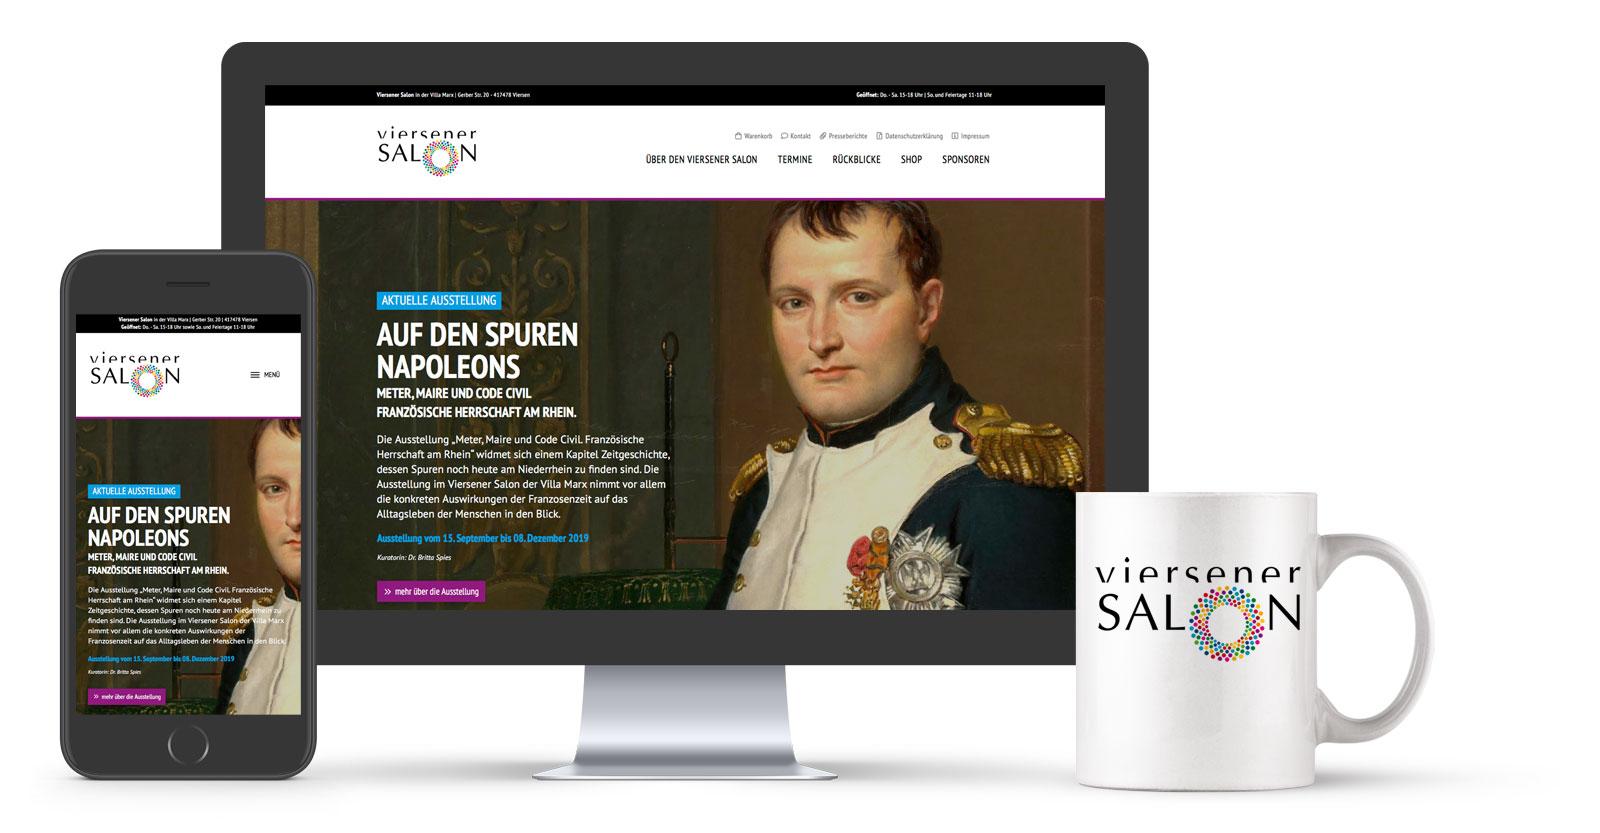 Referenz: Website Relaunch - A. Monforts Textilmaschinen GmbH & Co. KG